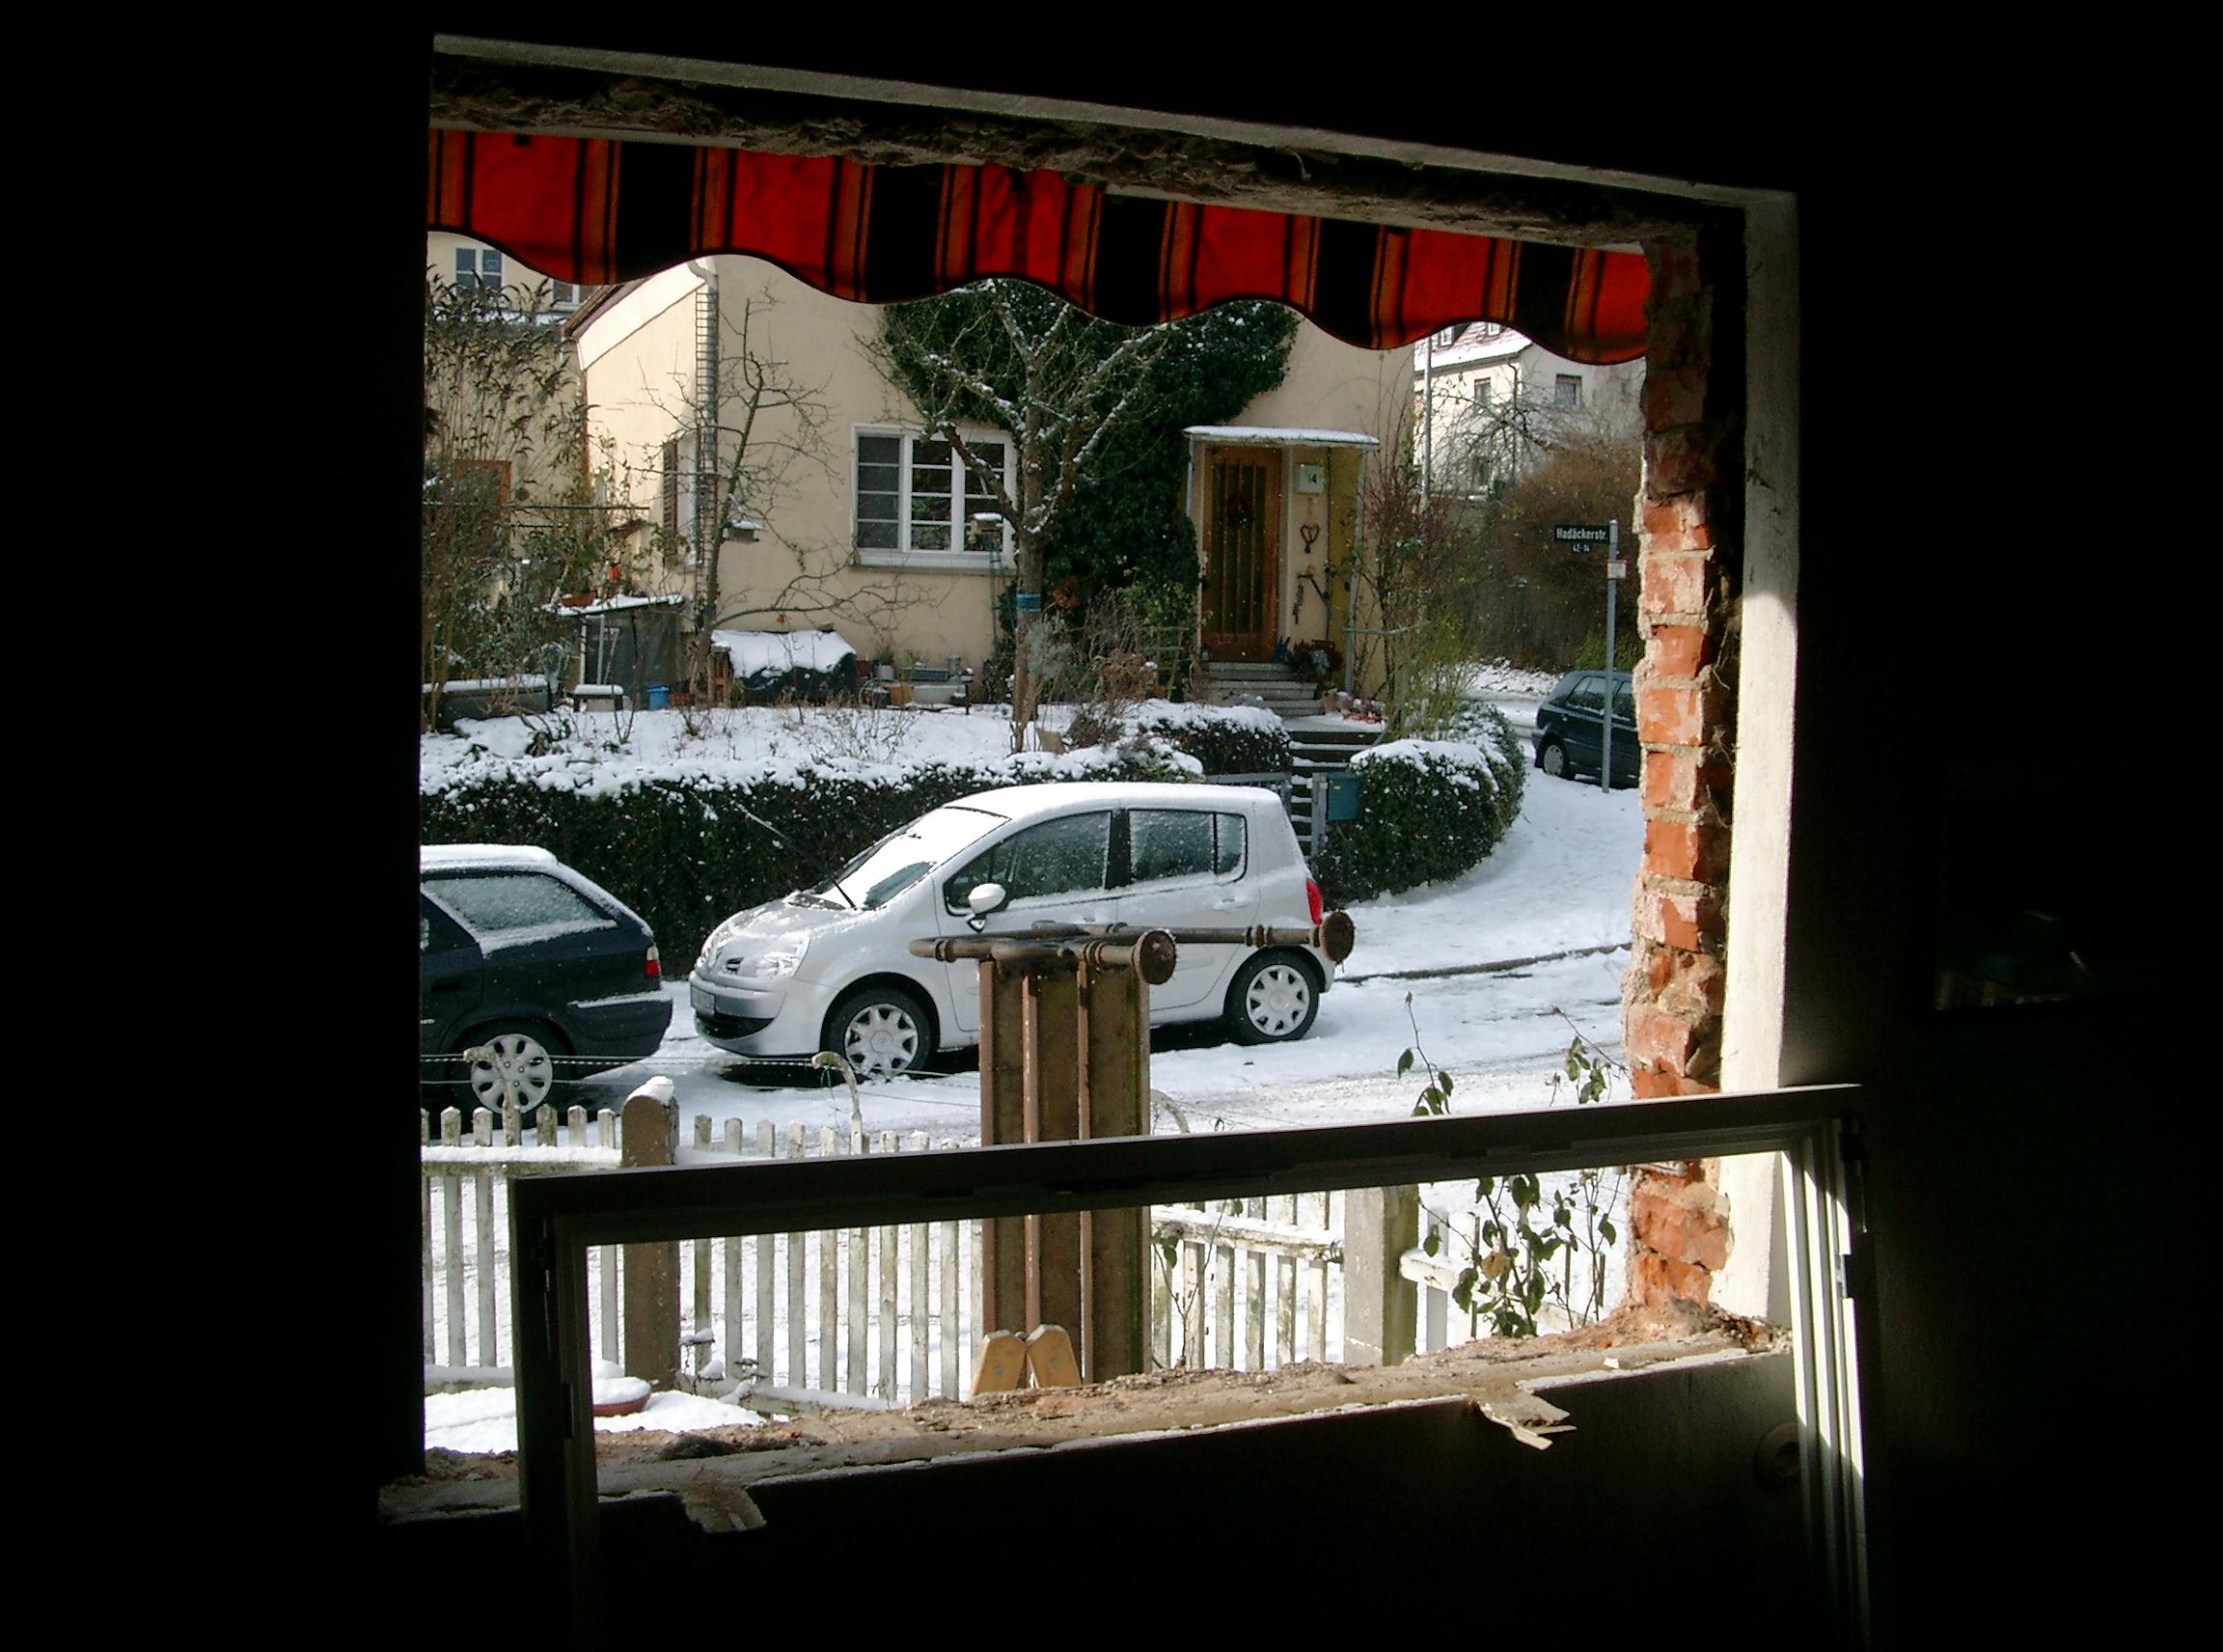 Schneetreiben, Sonnenschein & grosses Loch in der Wand von Innen